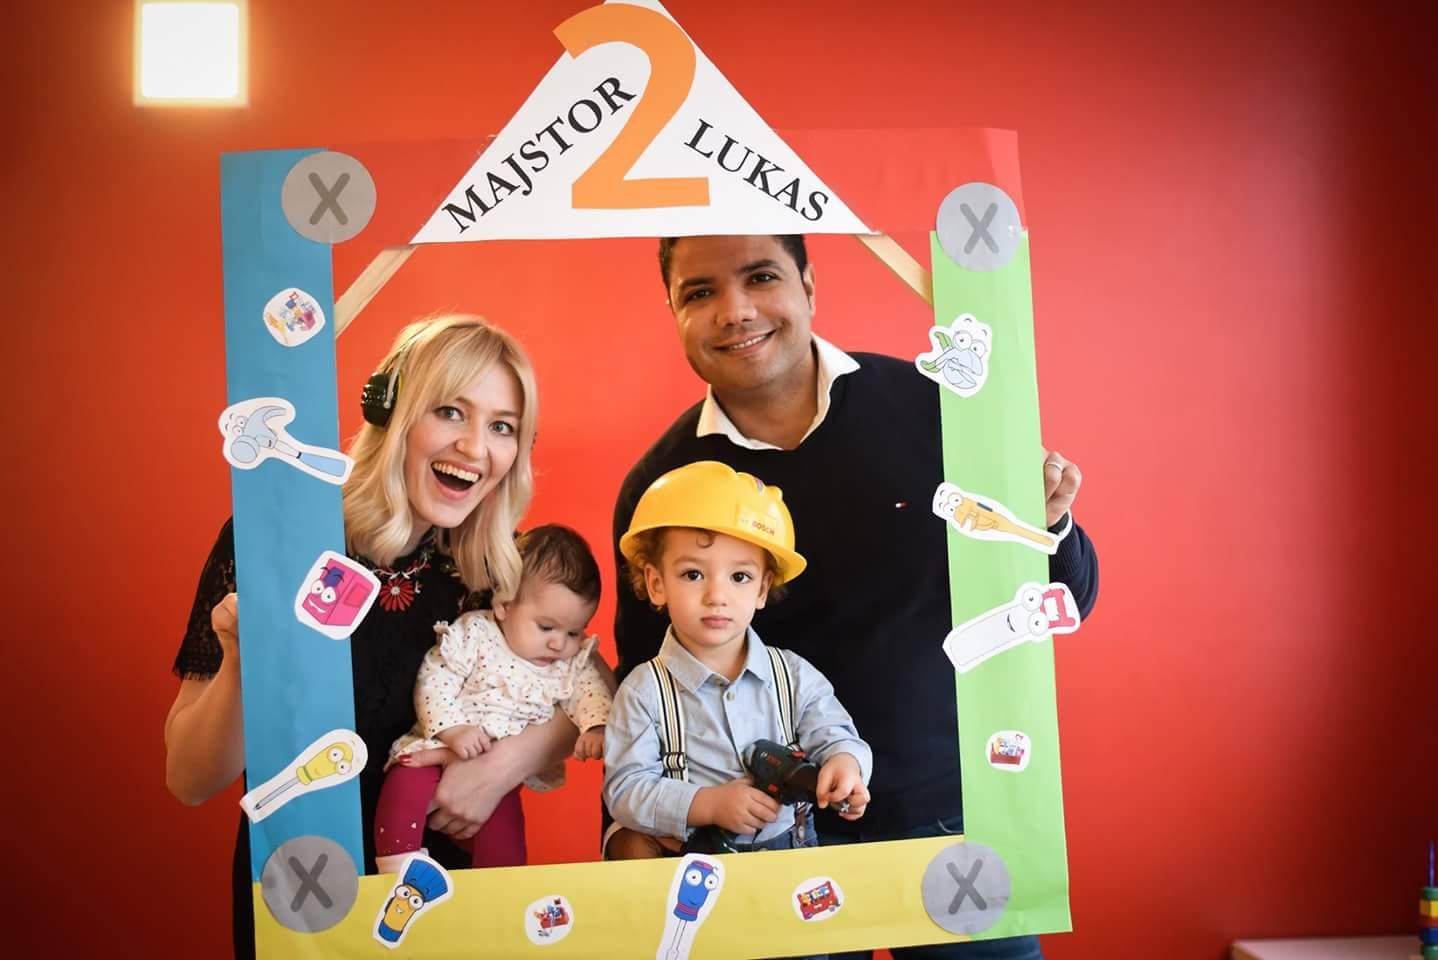 Kako preživjeti majčinstvo i biti super mama klincim - dinjak - portal savjeti - mama blog - obitelj